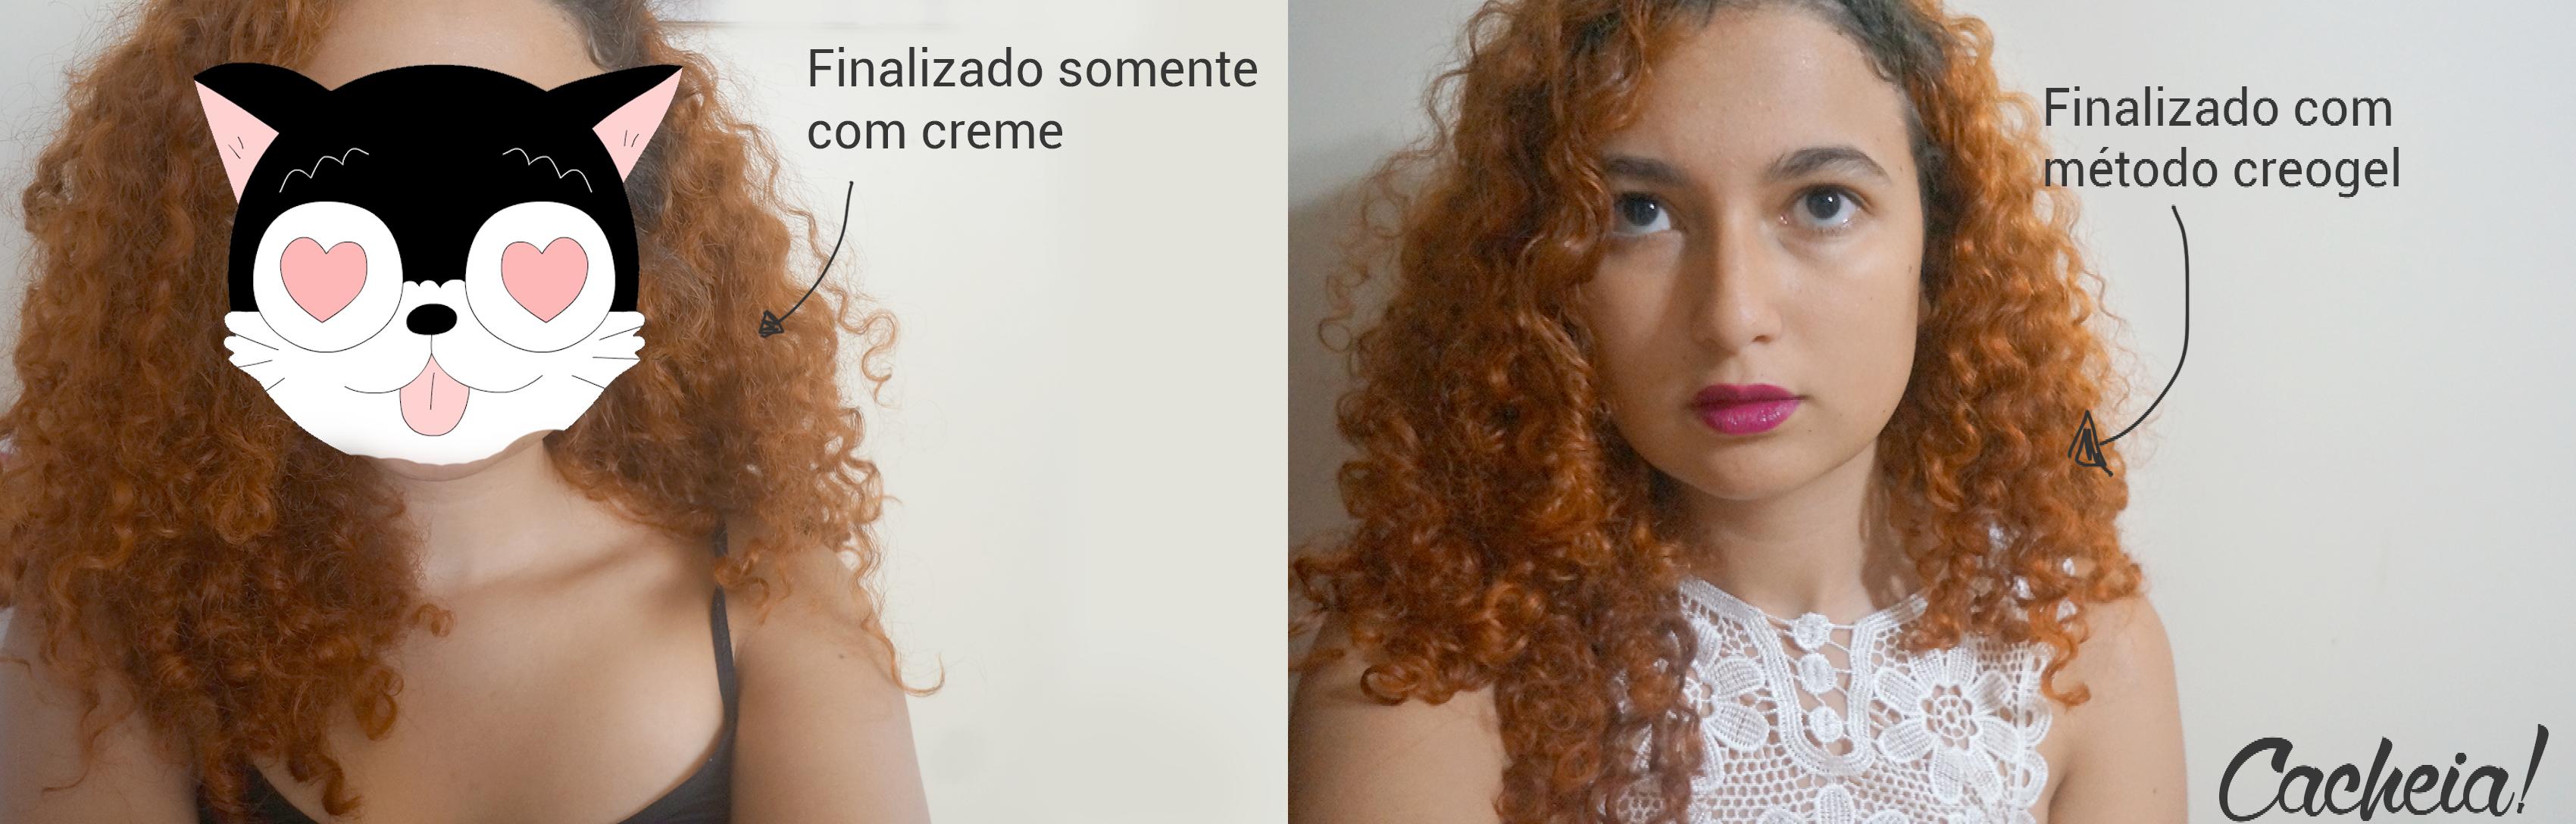 Antes e depois de finalização no cabelo cacheado